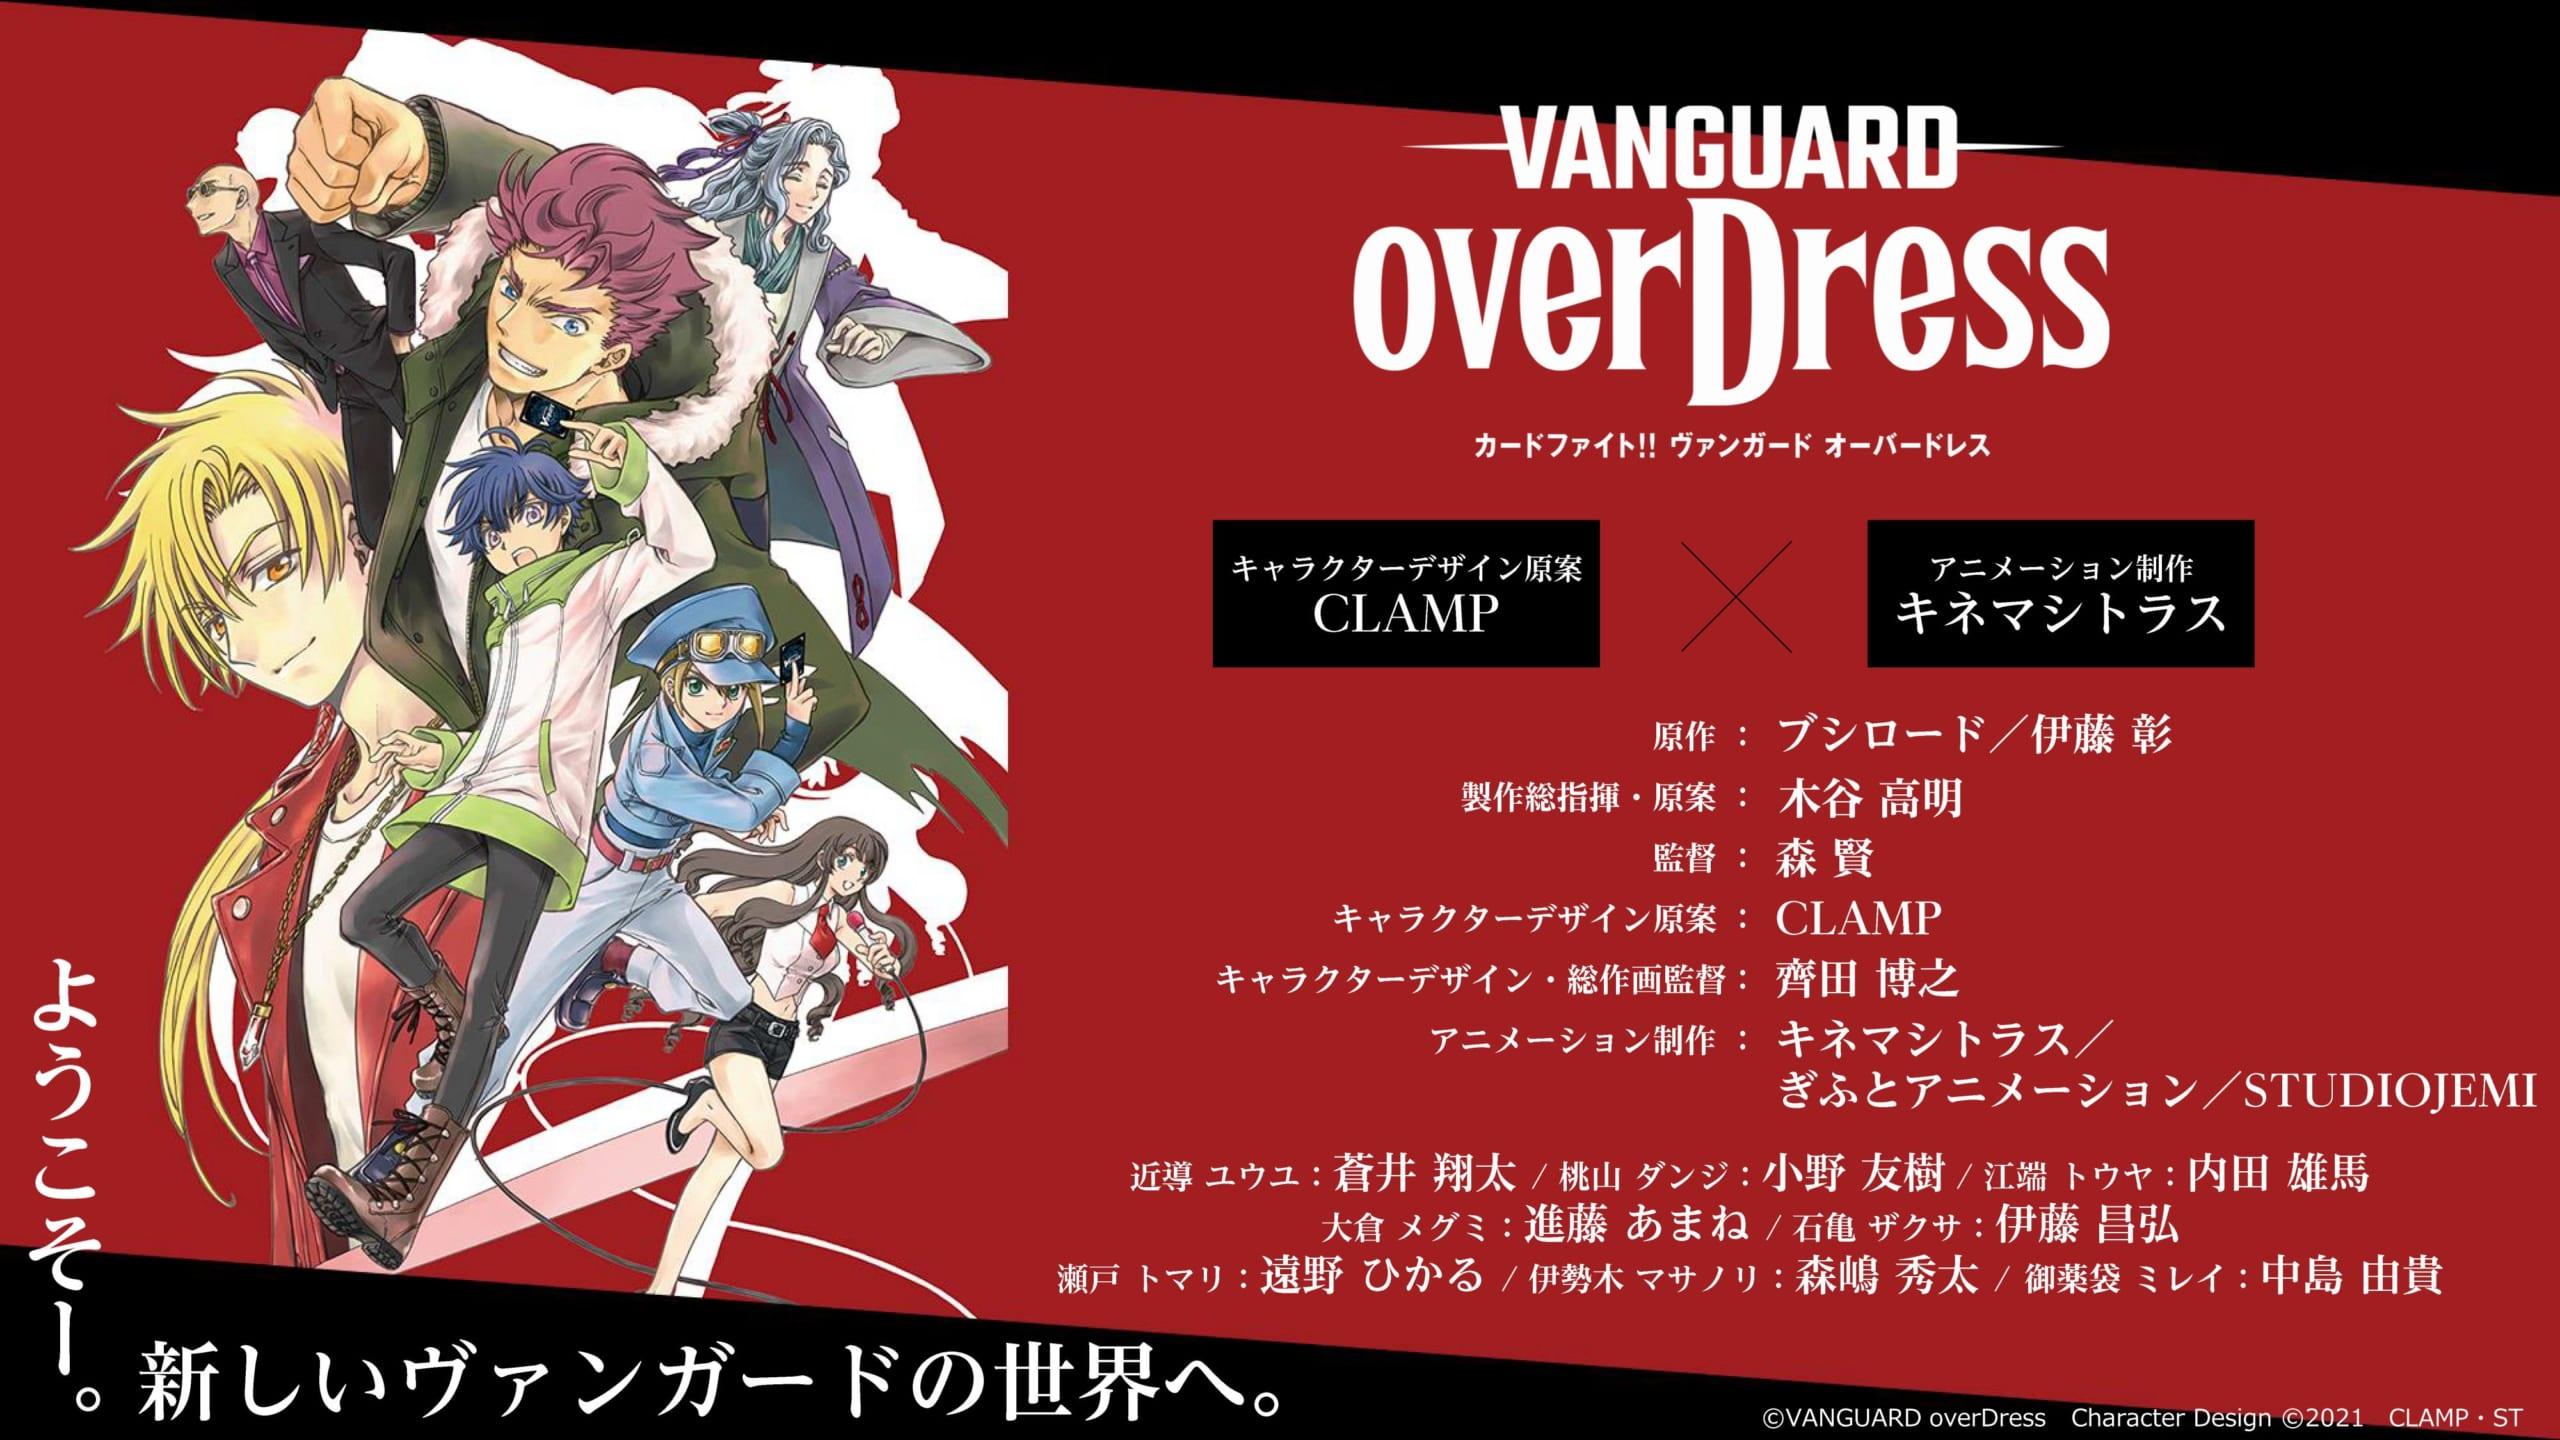 TVアニメ「カードファイト!! ヴァンガード overDress」